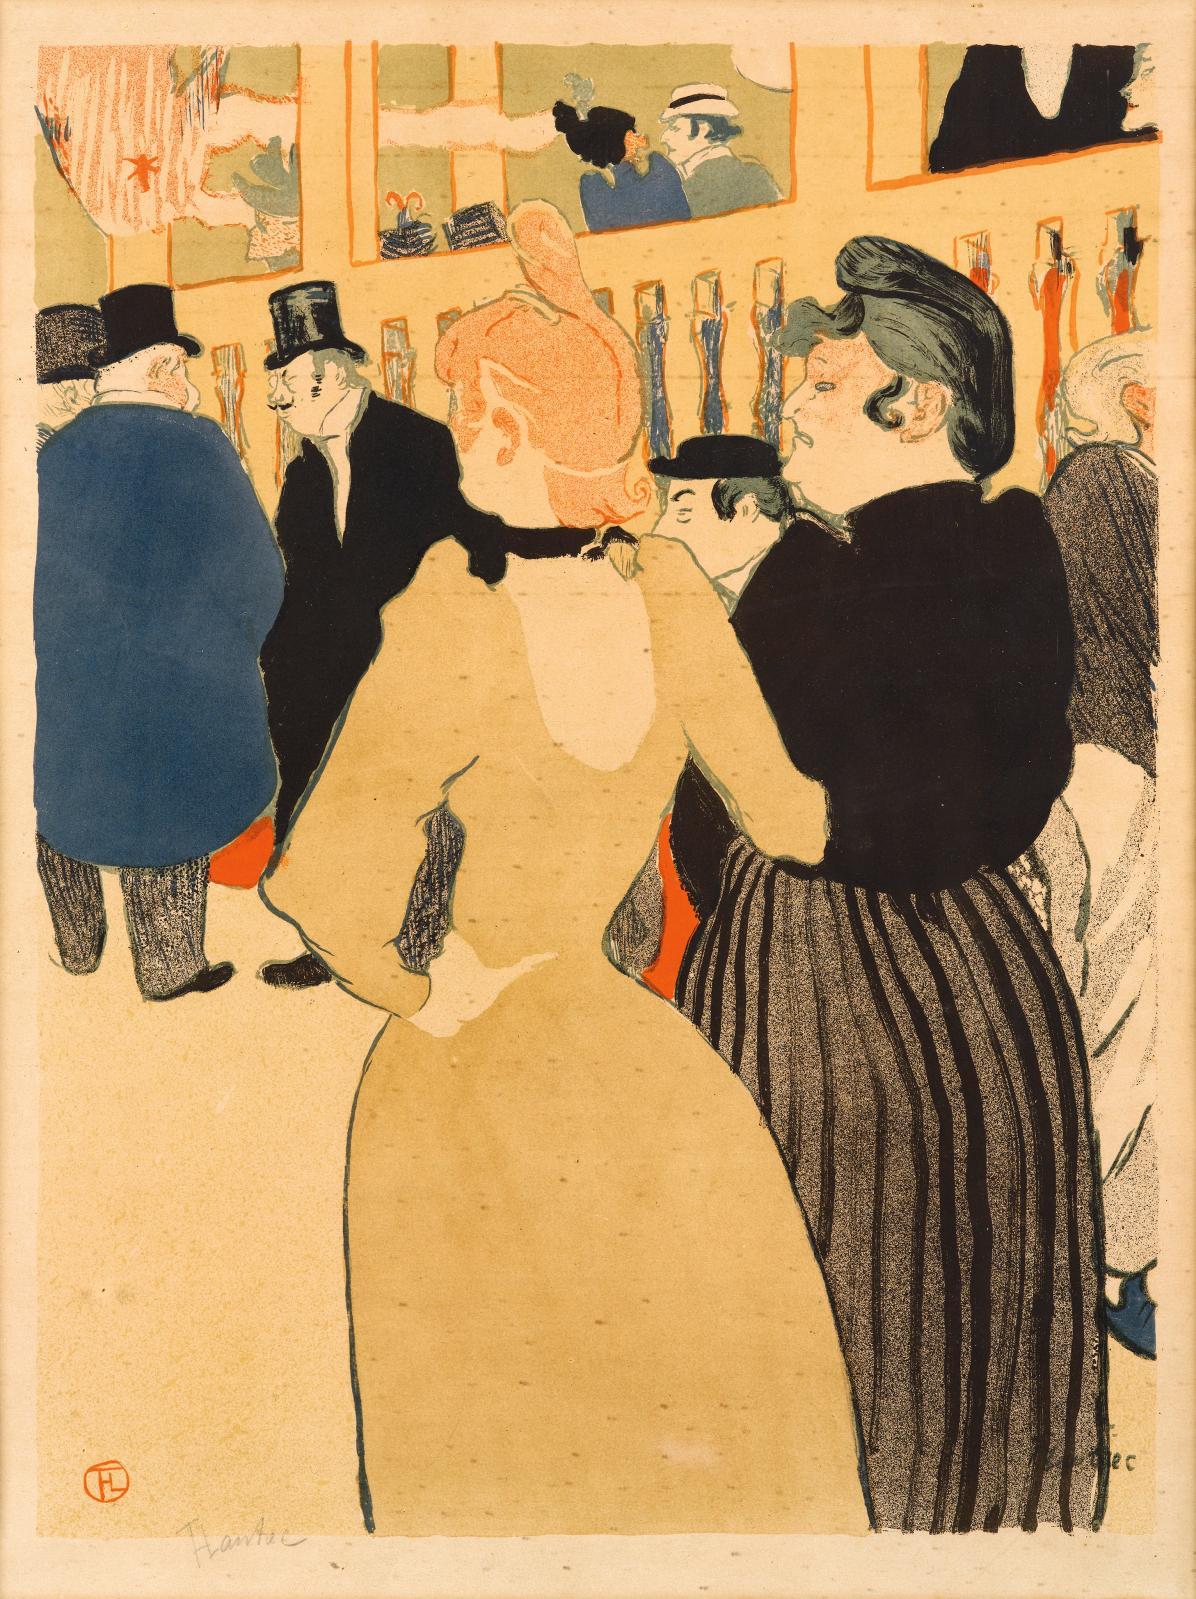 Henri de Toulouse-Lautrec (1864-1901),Au Moulin-Rouge, la Goulue et sa sœur, 1892, lithographie en couleurs, impression Delteil, 52x40,